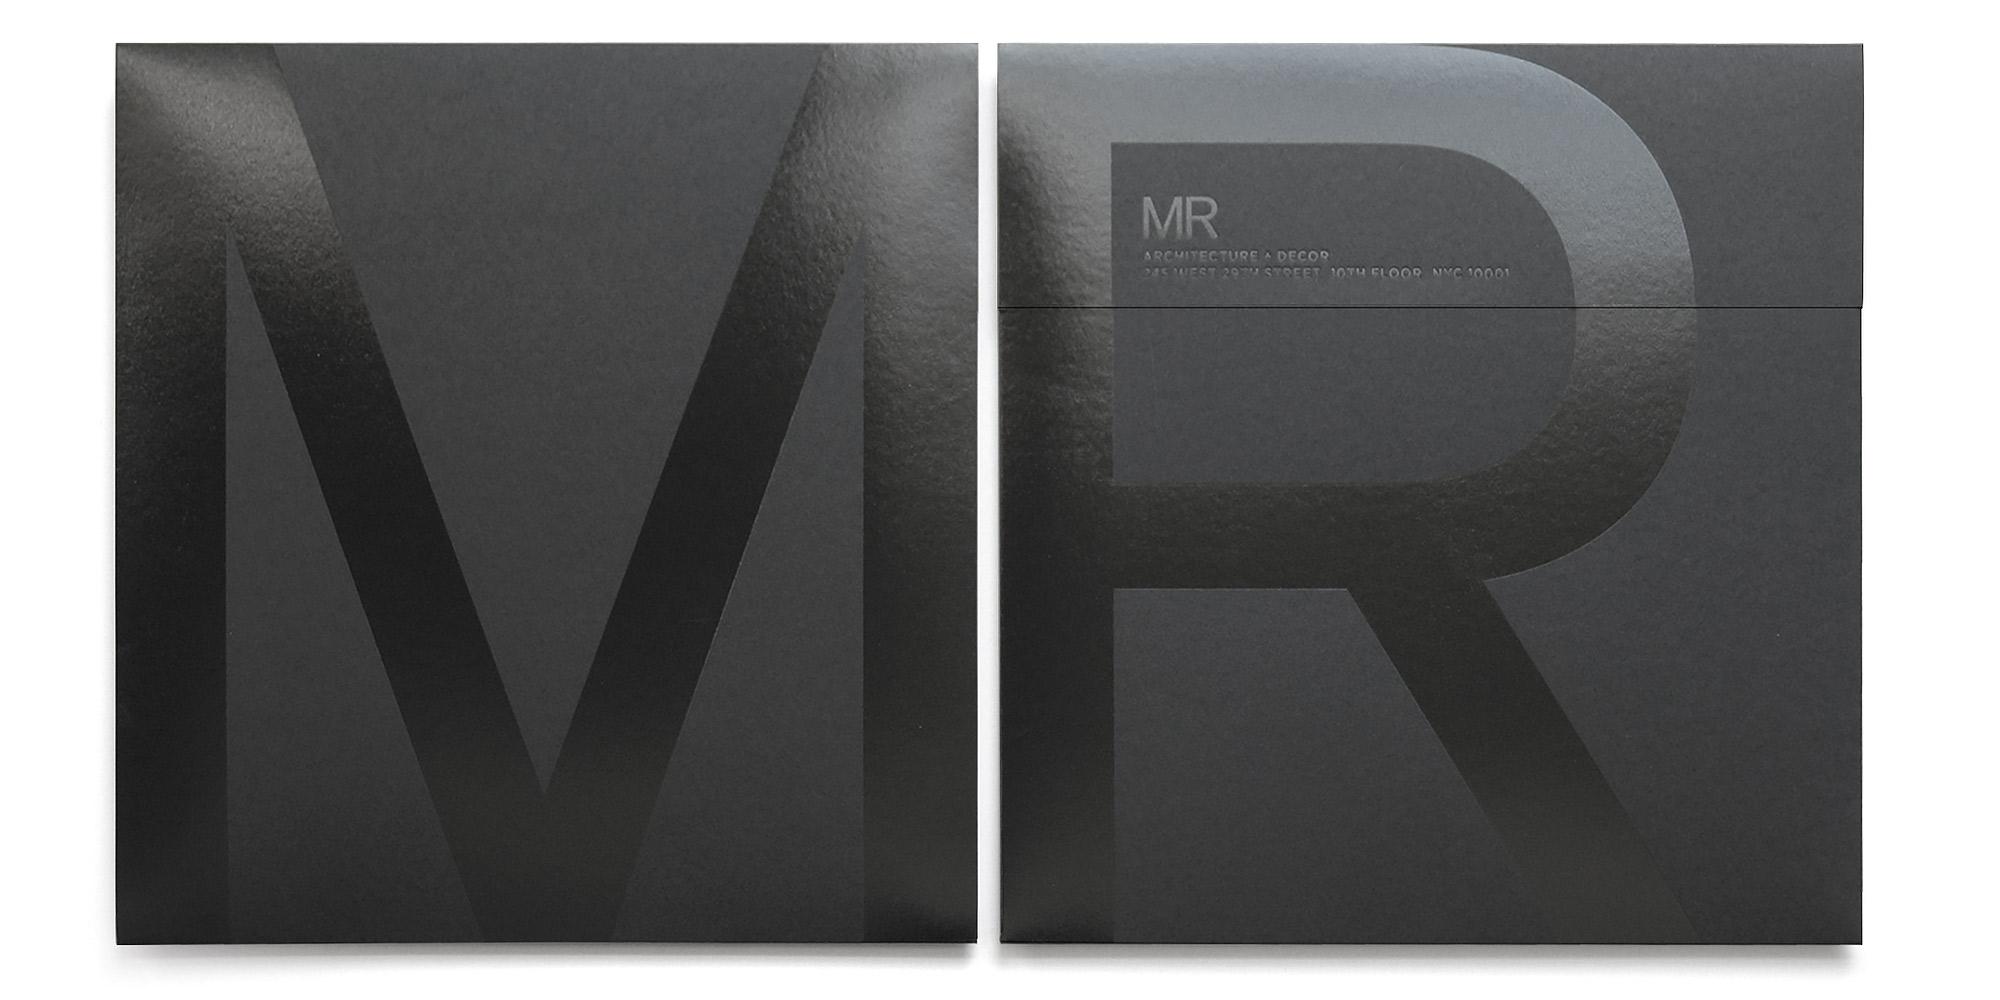 MR 2012 Holiday Card Envelope